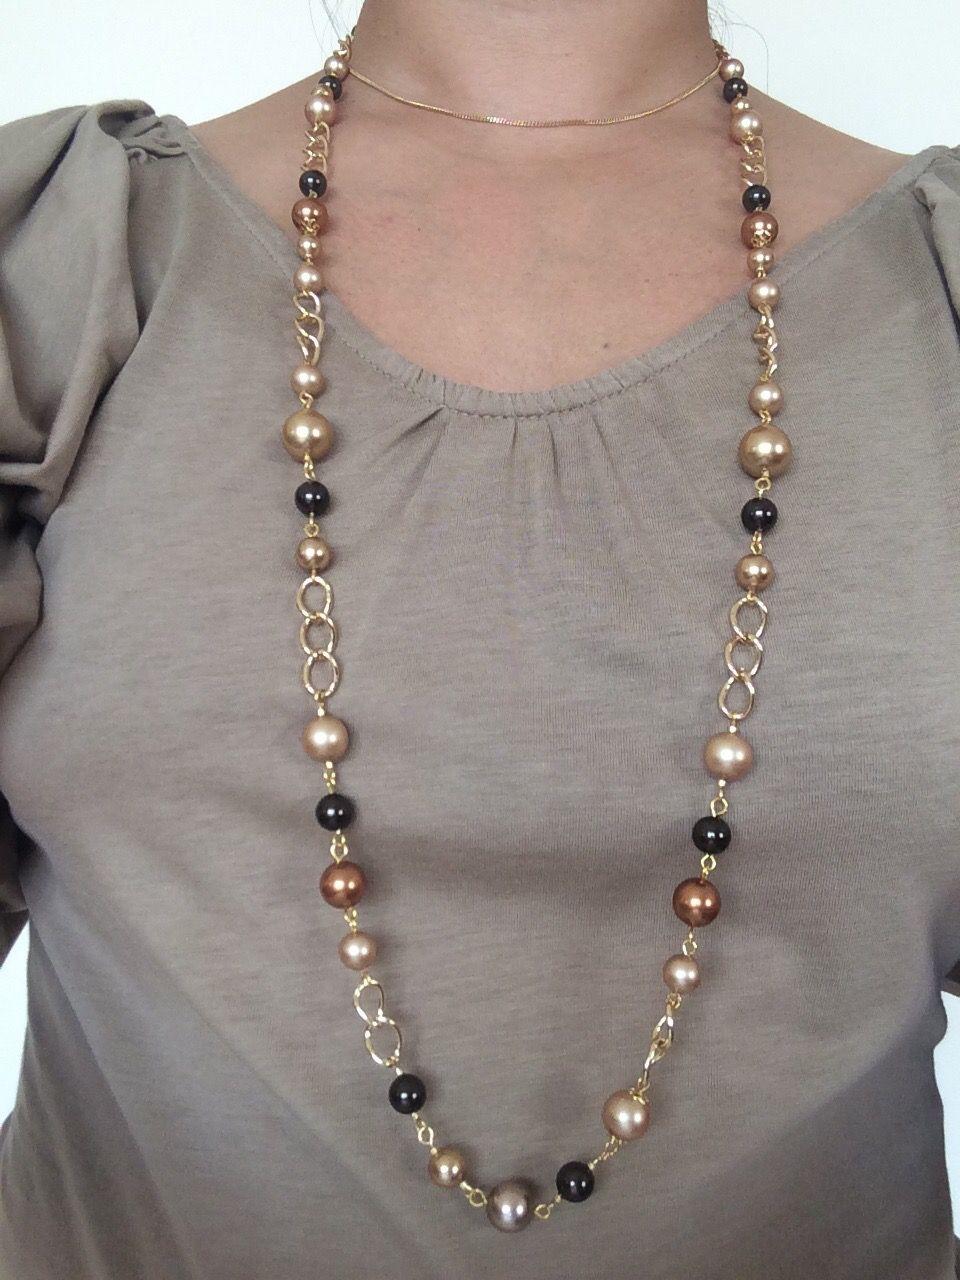 Pin by Virginia Sasaki Lopez on Handmade Jewellery   Pinterest ...